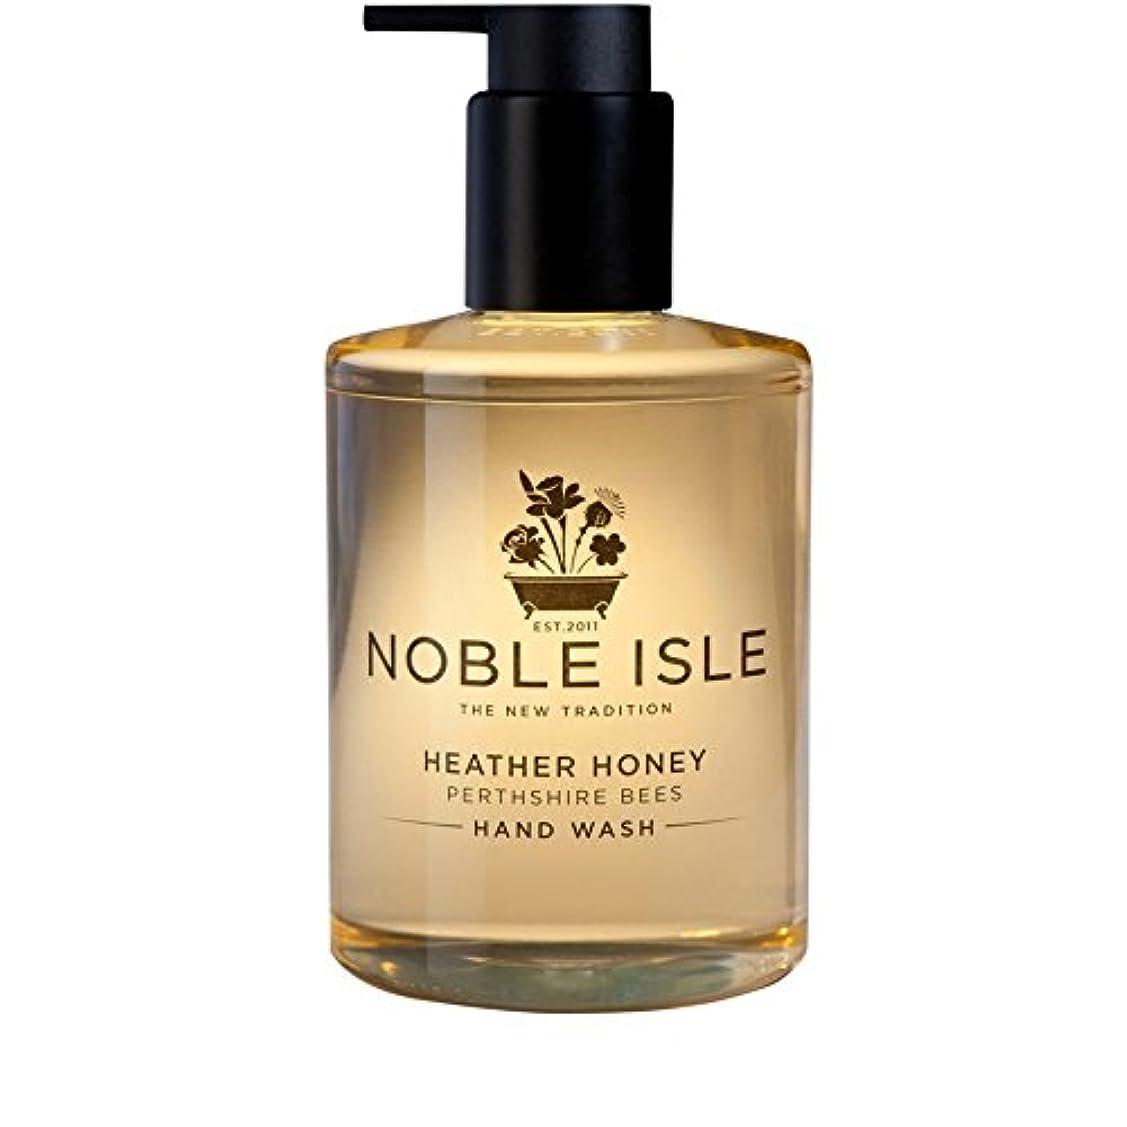 溶けたスキーム熱望するNoble Isle Heather Honey Perthshire Bees Hand Wash 250ml (Pack of 6) - 高貴な島杢蜂蜜パースシャー蜂のハンドウォッシュ250ミリリットル x6 [並行輸入品]